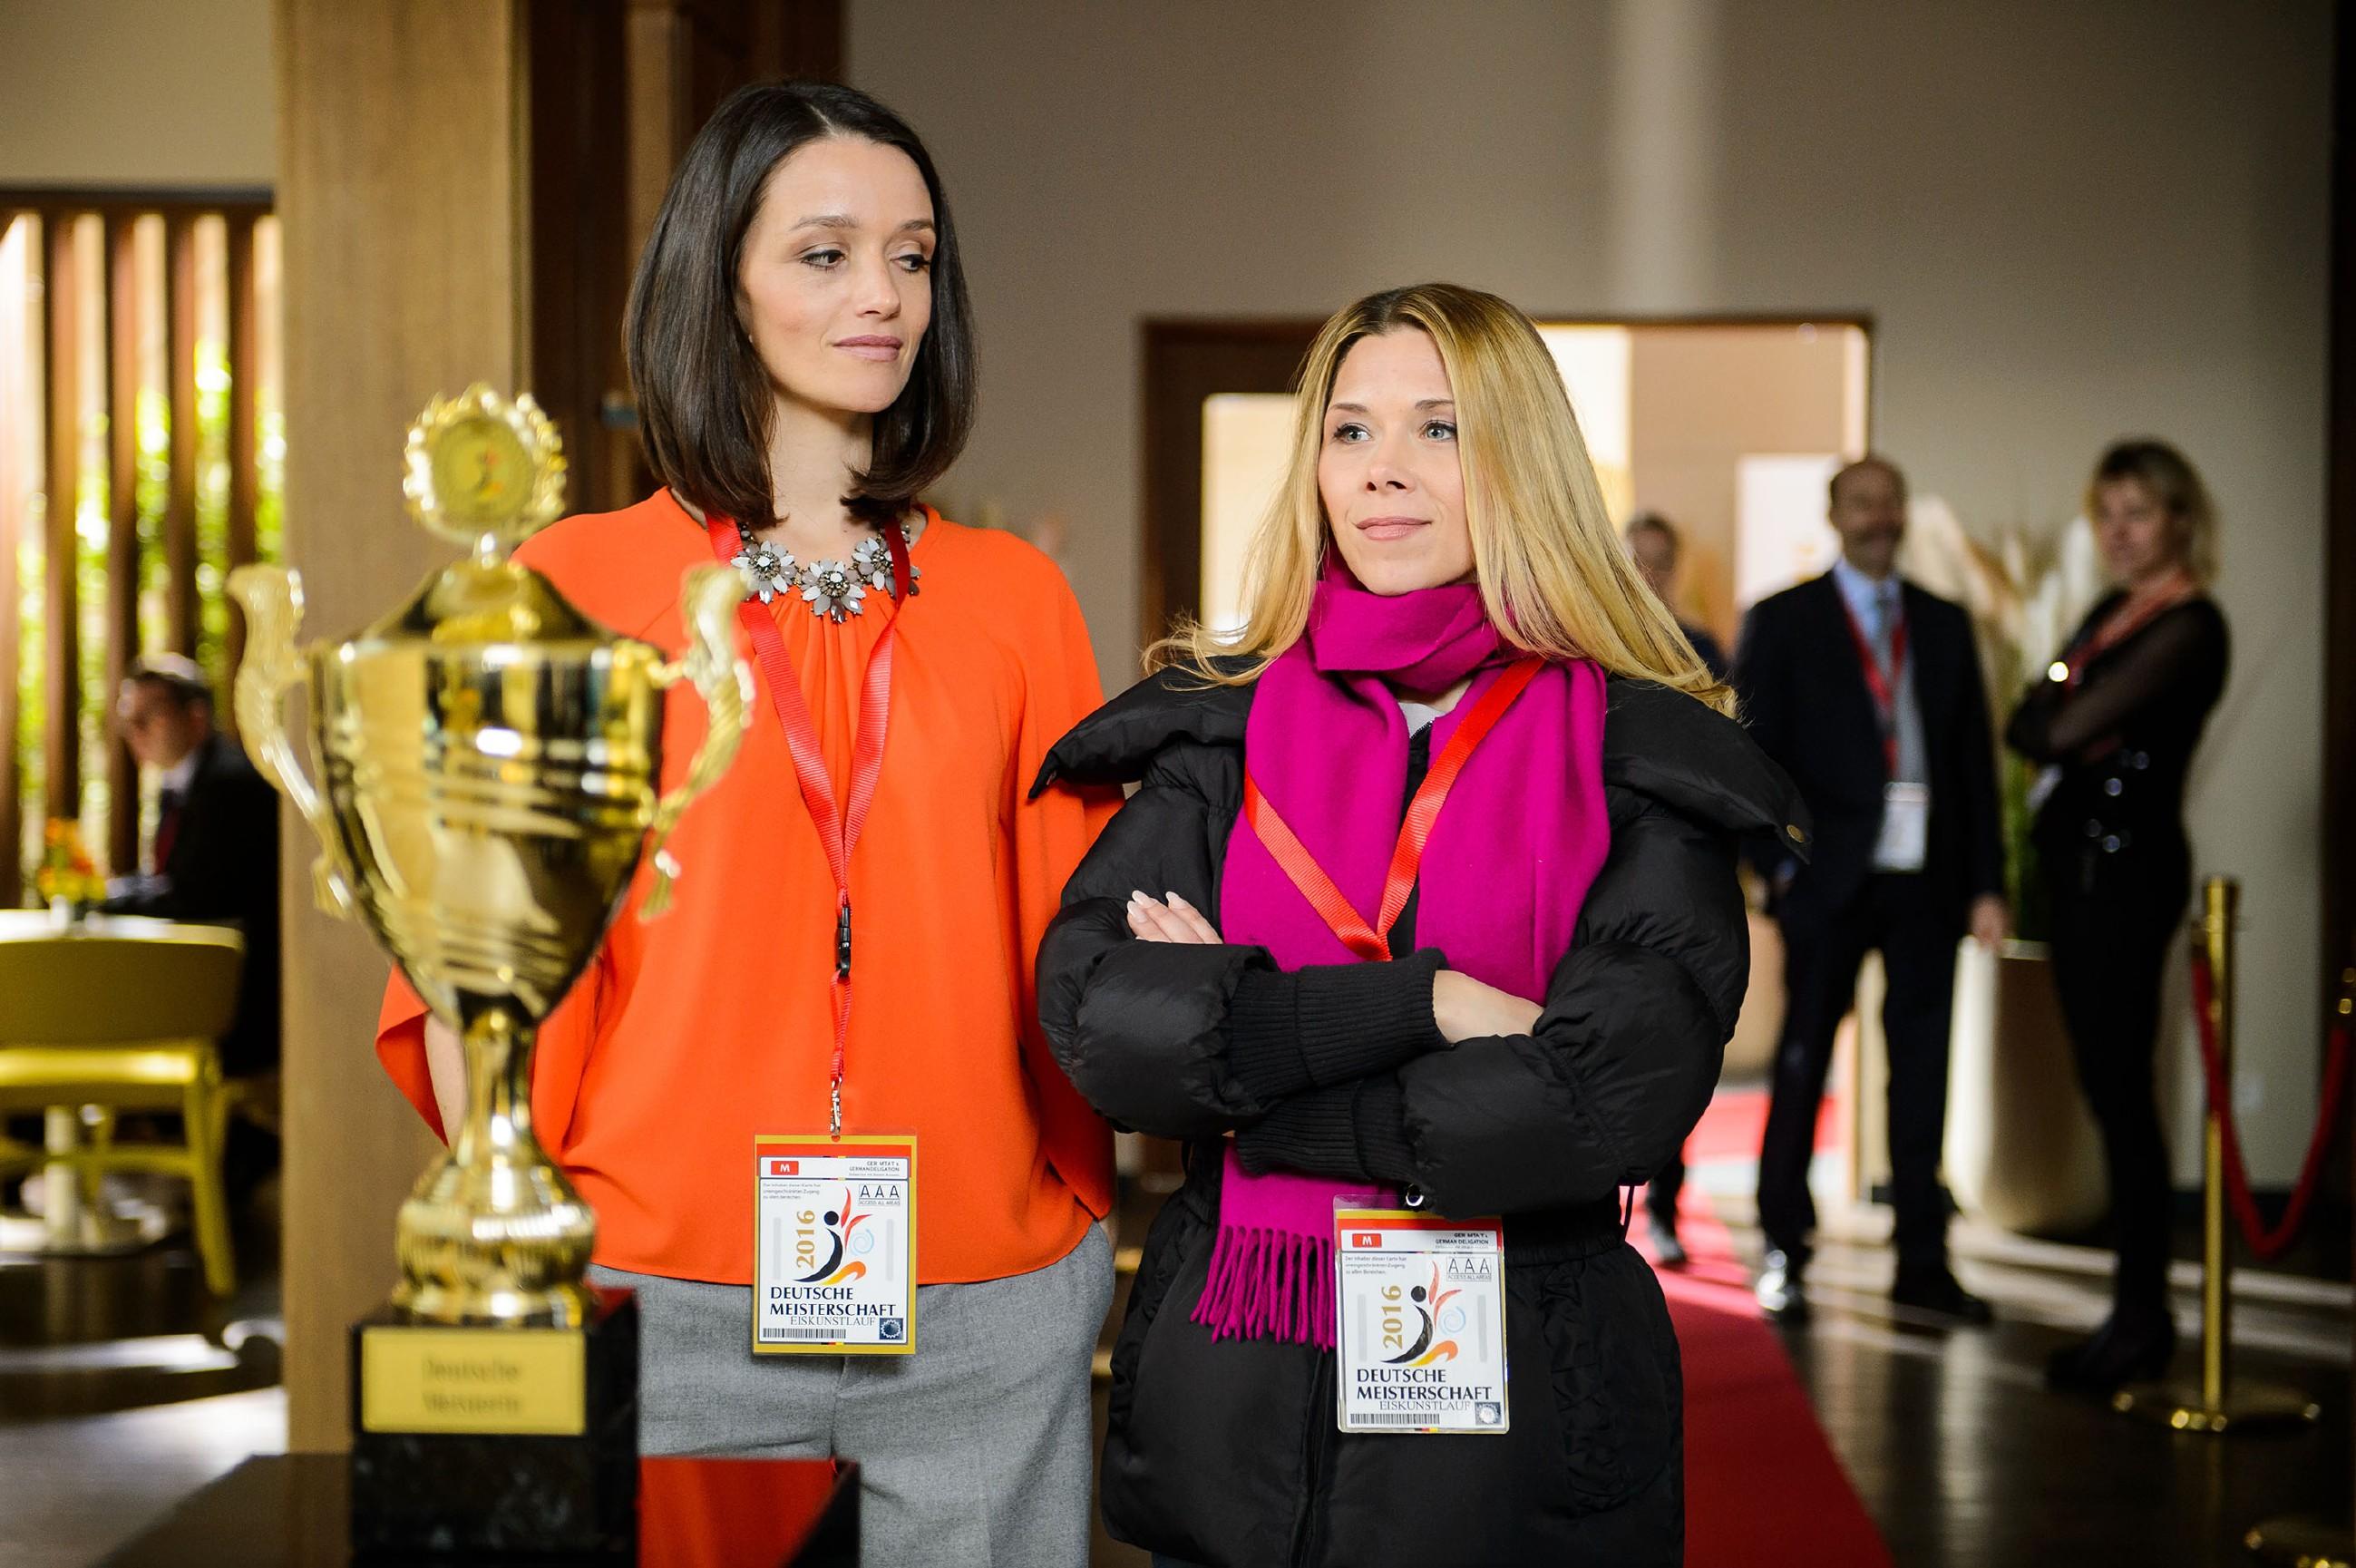 Jenny (Kaja Schmidt-Tychsen, l.) betrachtet gemeinsam mit Diana (Tanja Szewczenko) den Pokal der Deutschen Meisterschaft. Sie ist fest entschlossen, es ihrer Mutter zu beweisen und die DM mit Michelle zu gewinnen. (Quelle: RTL / Willi Weber)